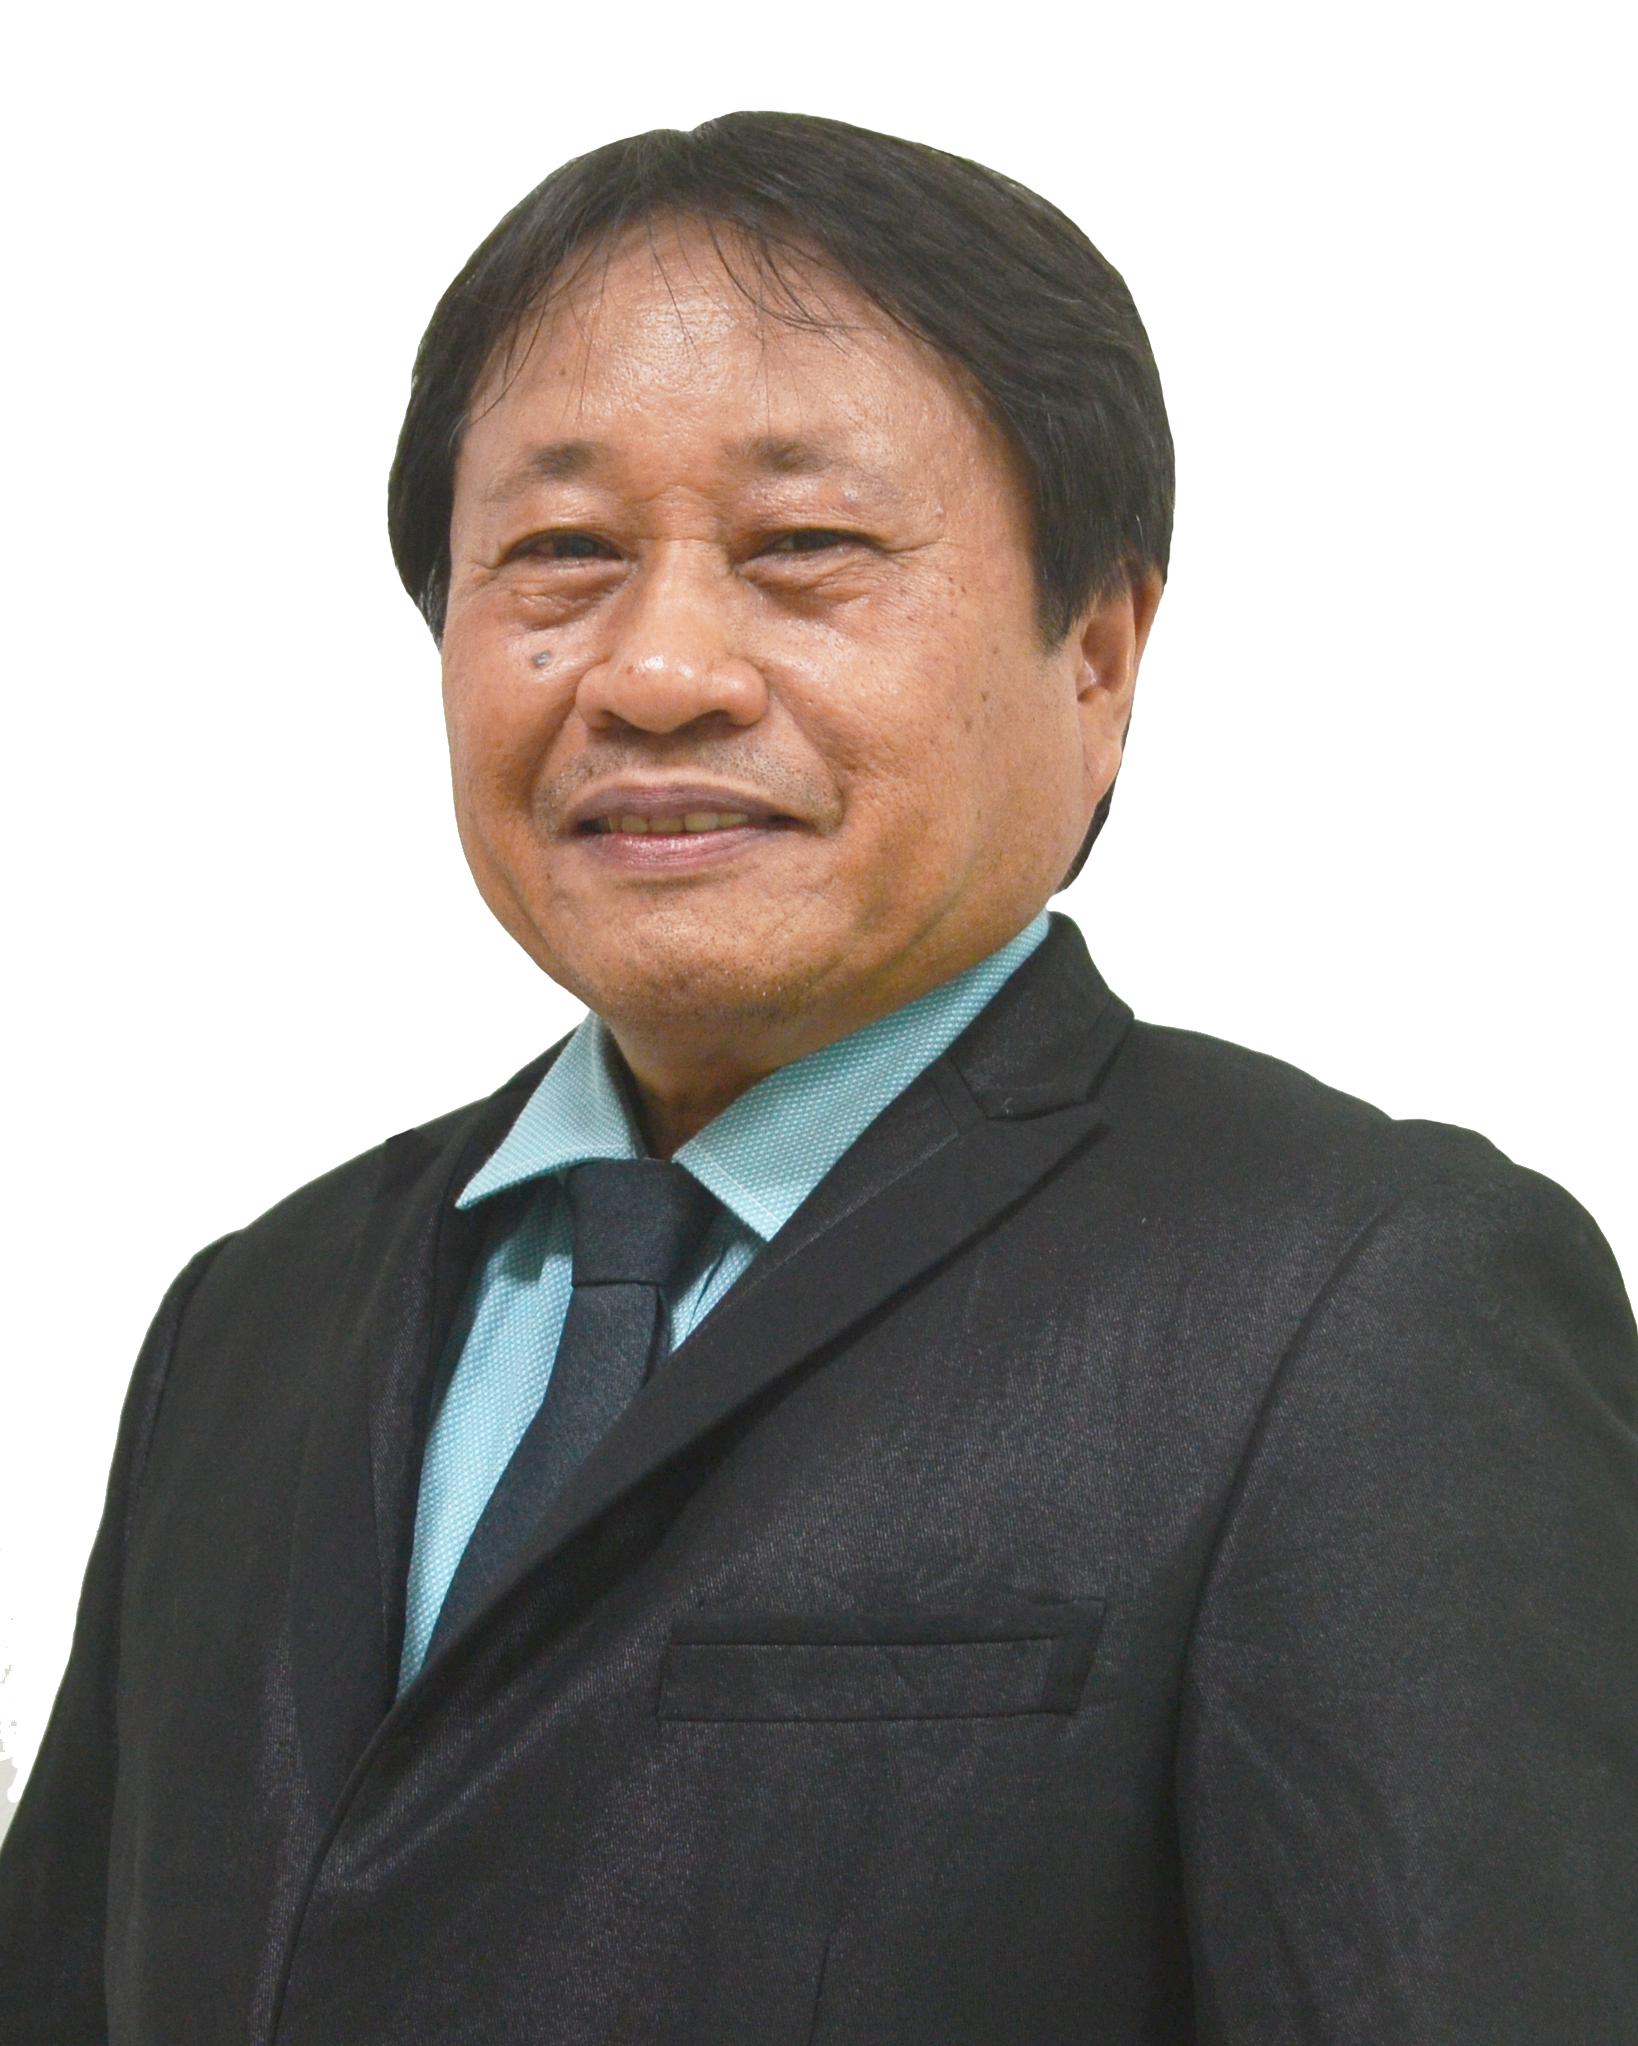 VICTOR A. RODULFO, Ph.D.